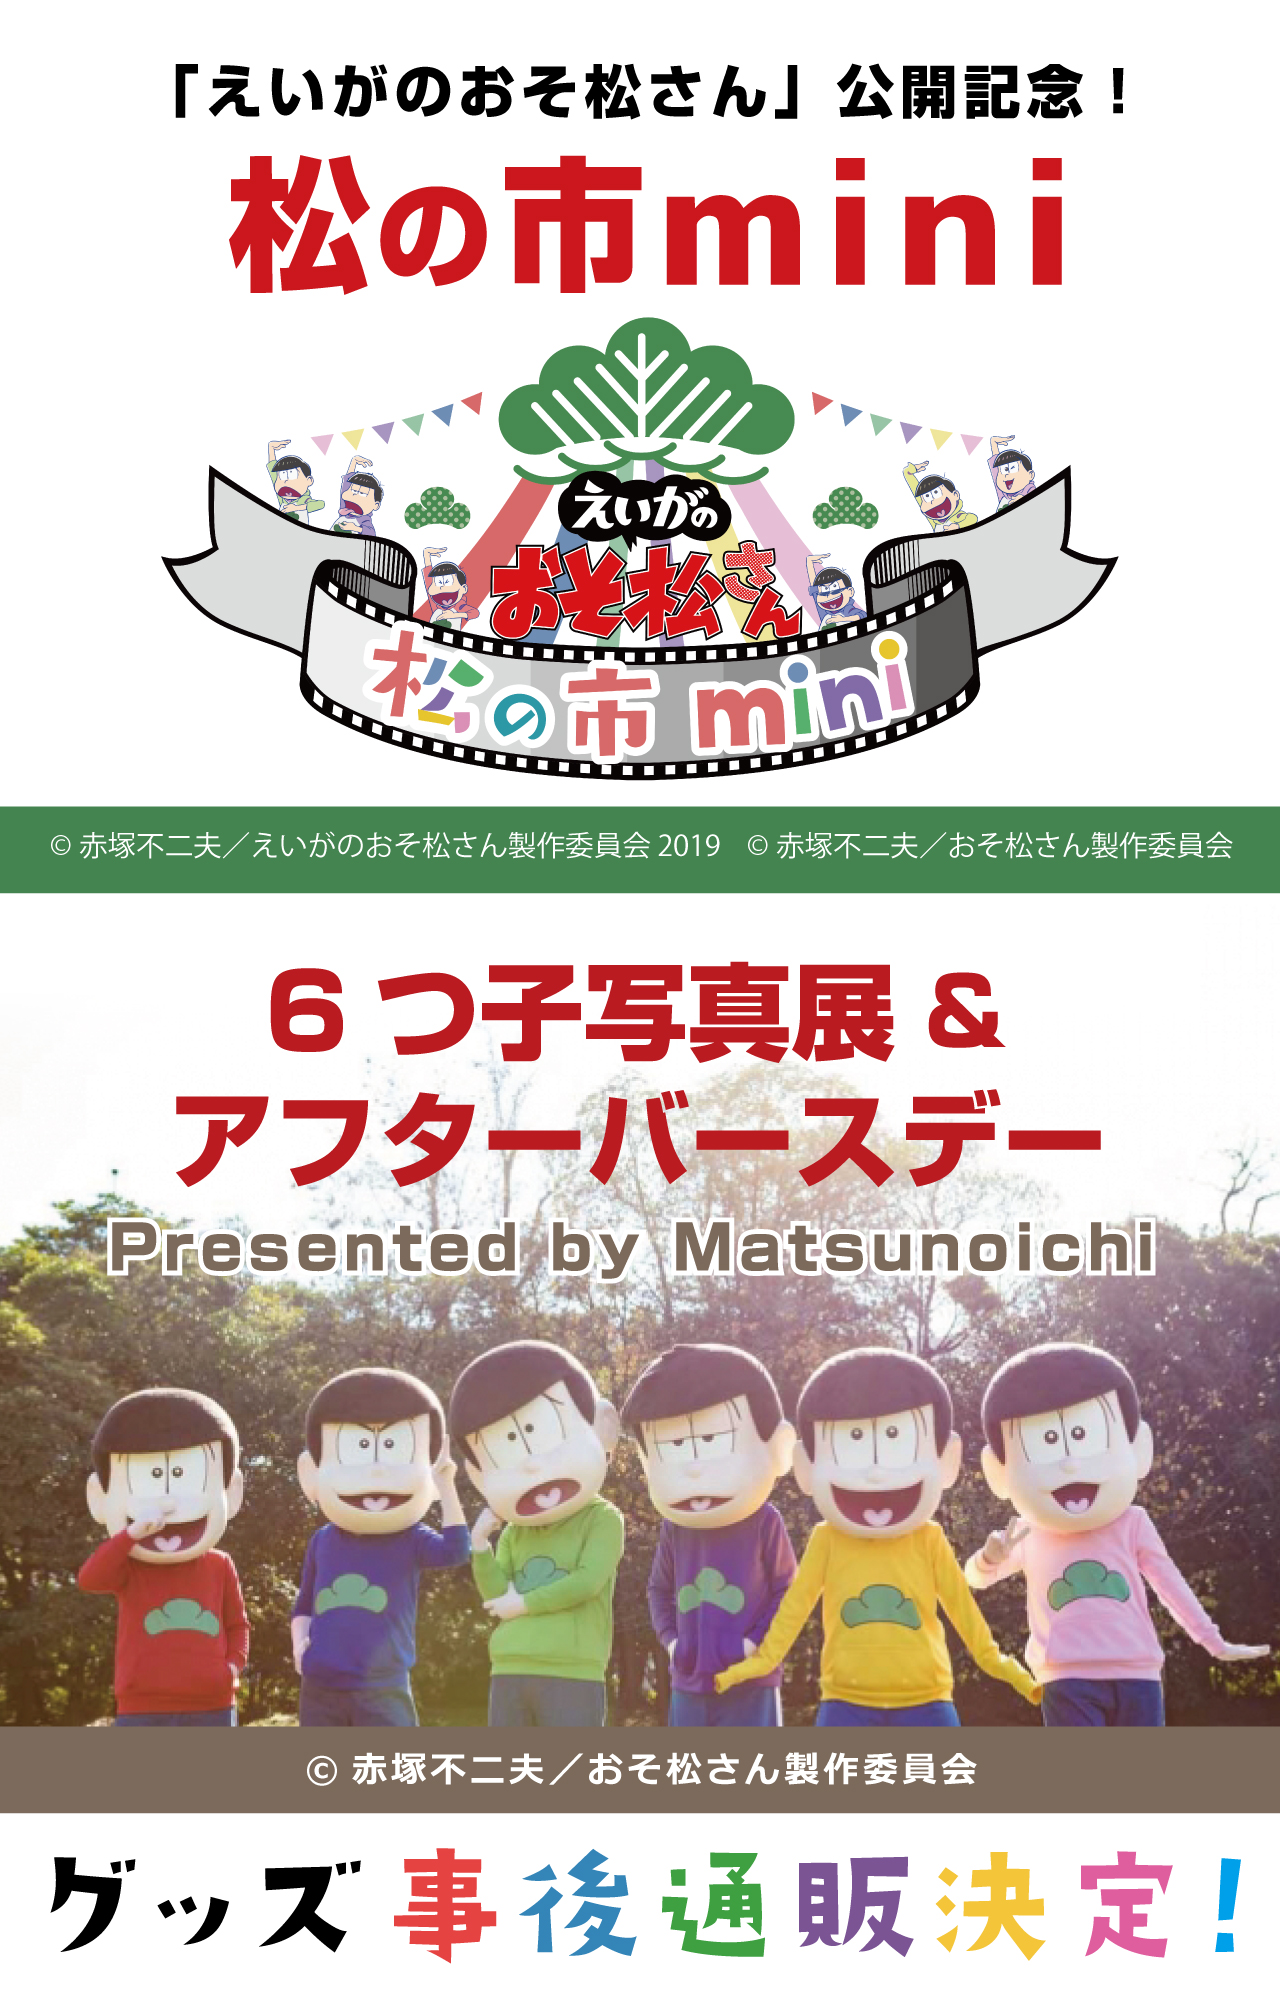 『6つ子写真展&アフターバースデー PresentedbyMatsunoichi 』 『おそ松さん【「えいがのおそ松さん」公開記念!】松の市mini』